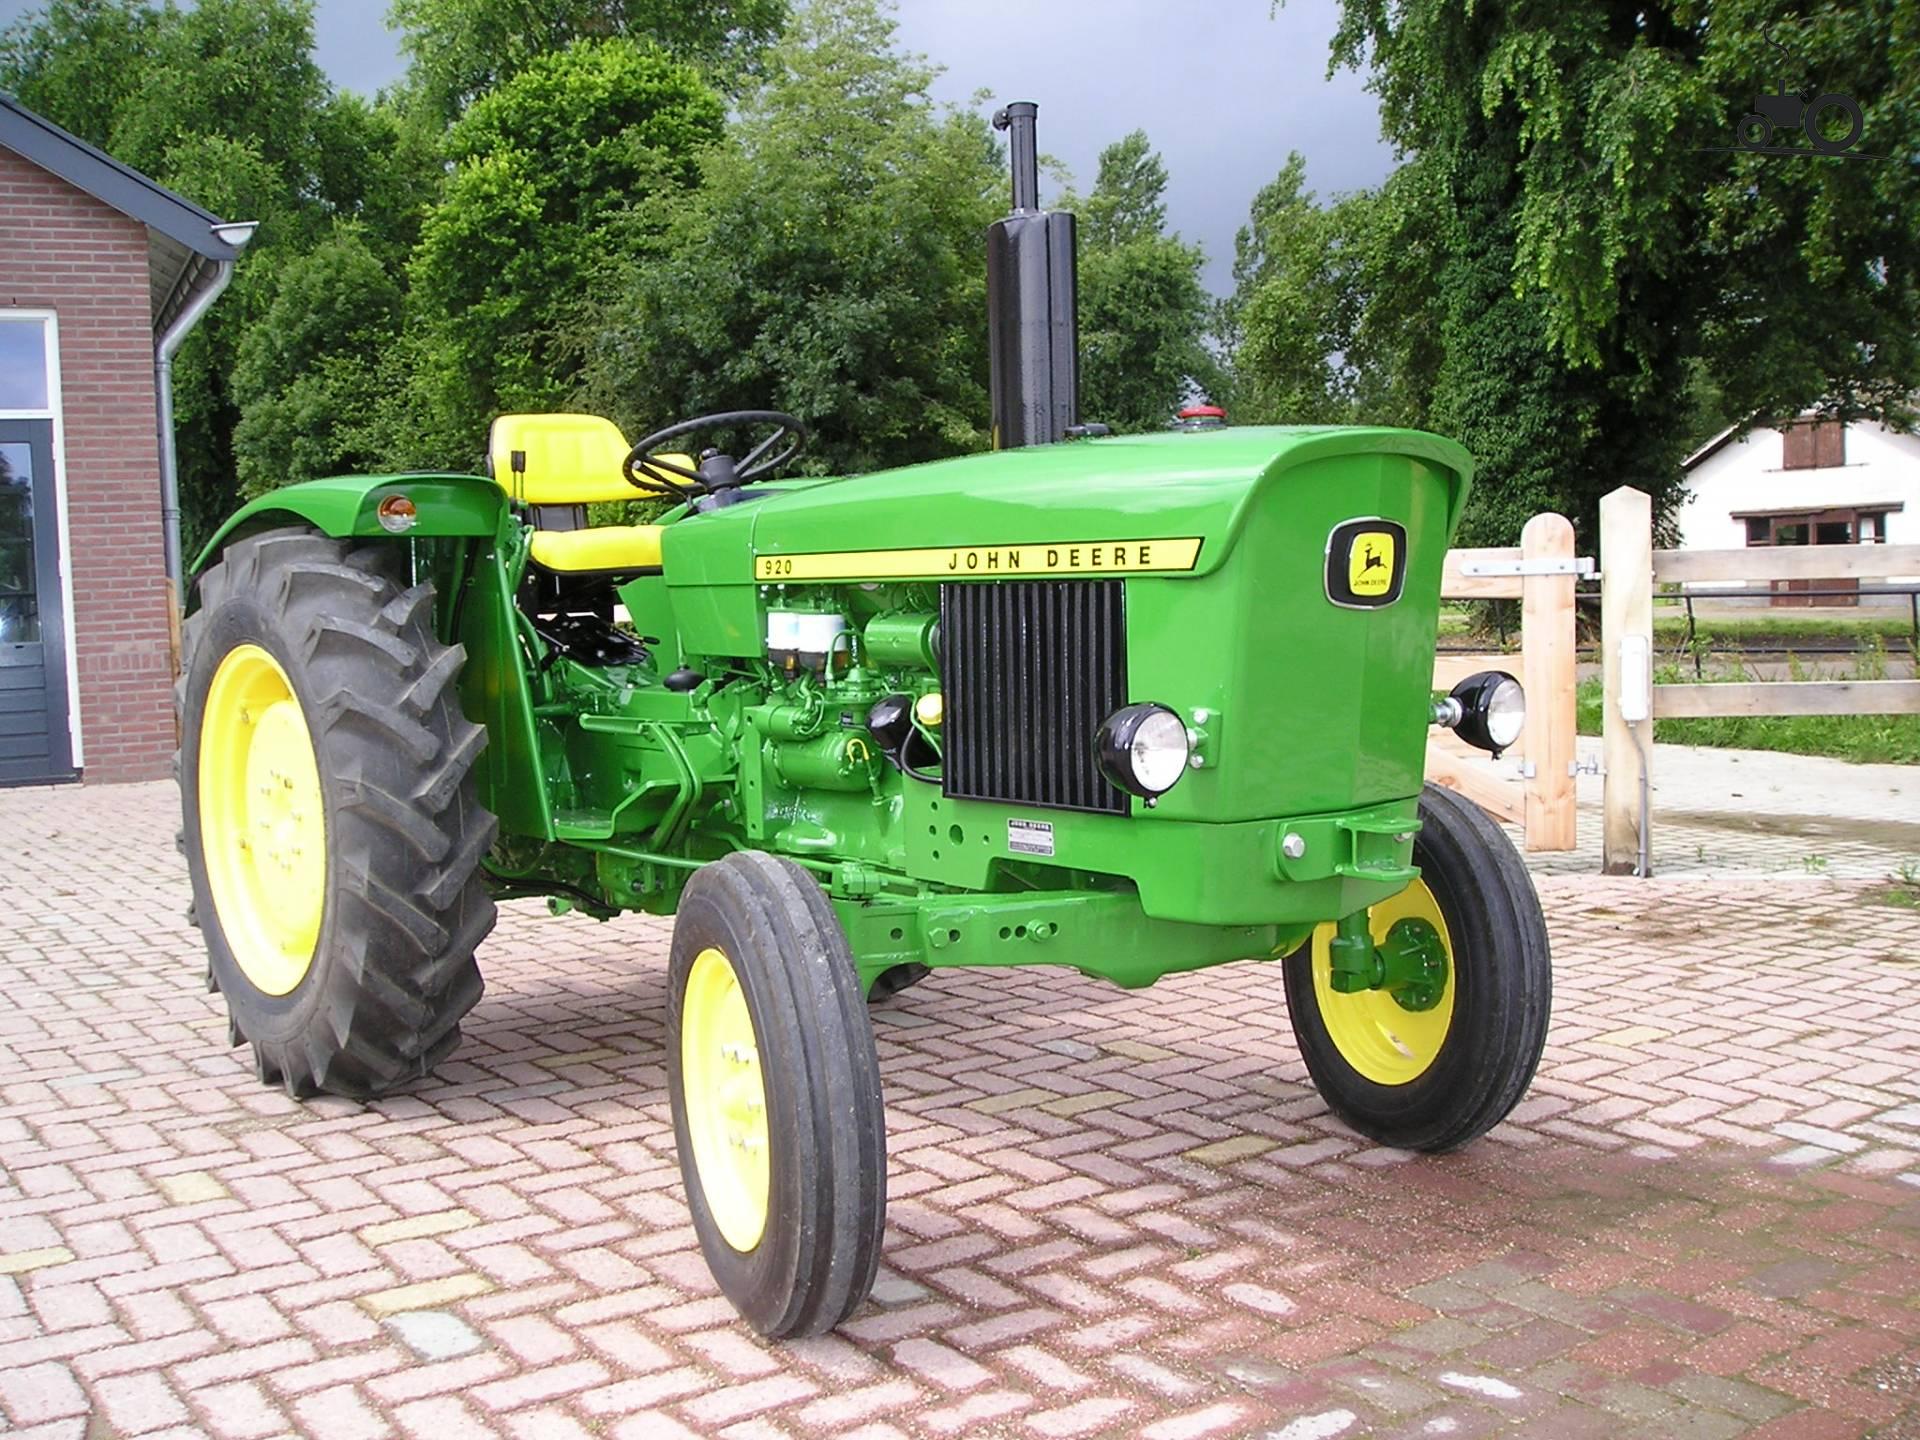 John Deere 920 Farm Tractor | John Deere Farm Tractors: John